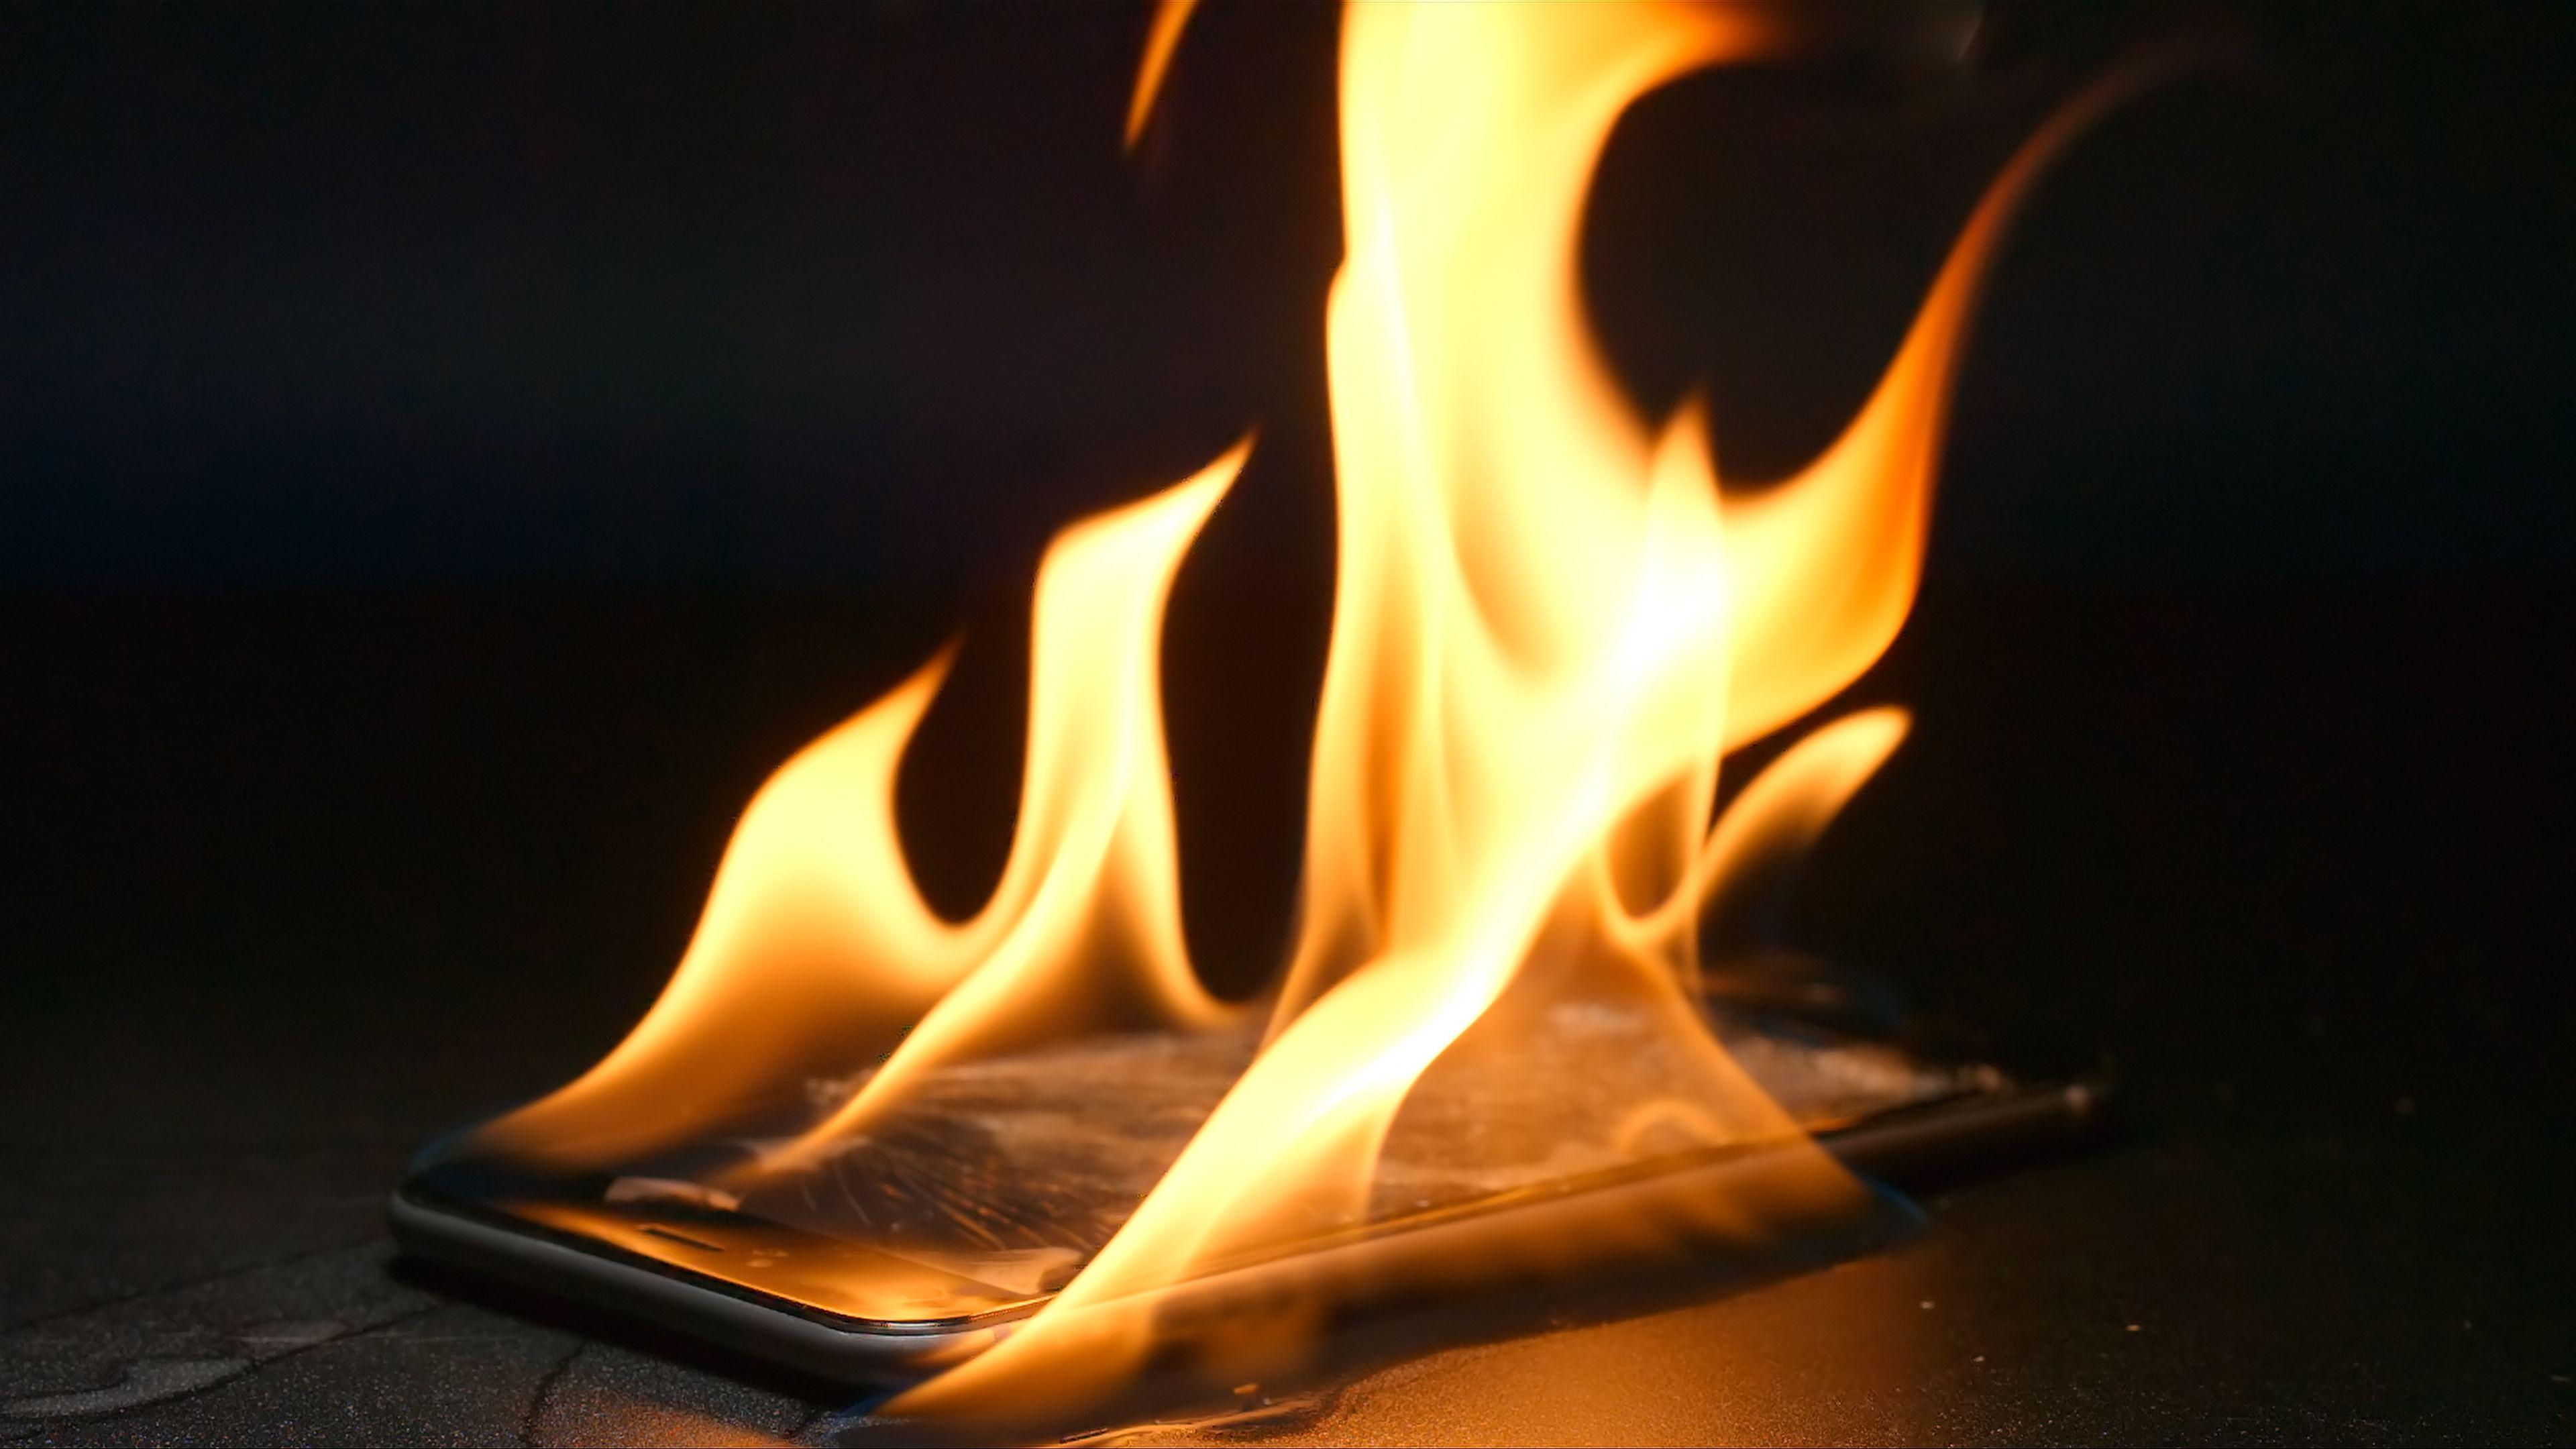 Gli smartphone stanno distruggendo il pianeta